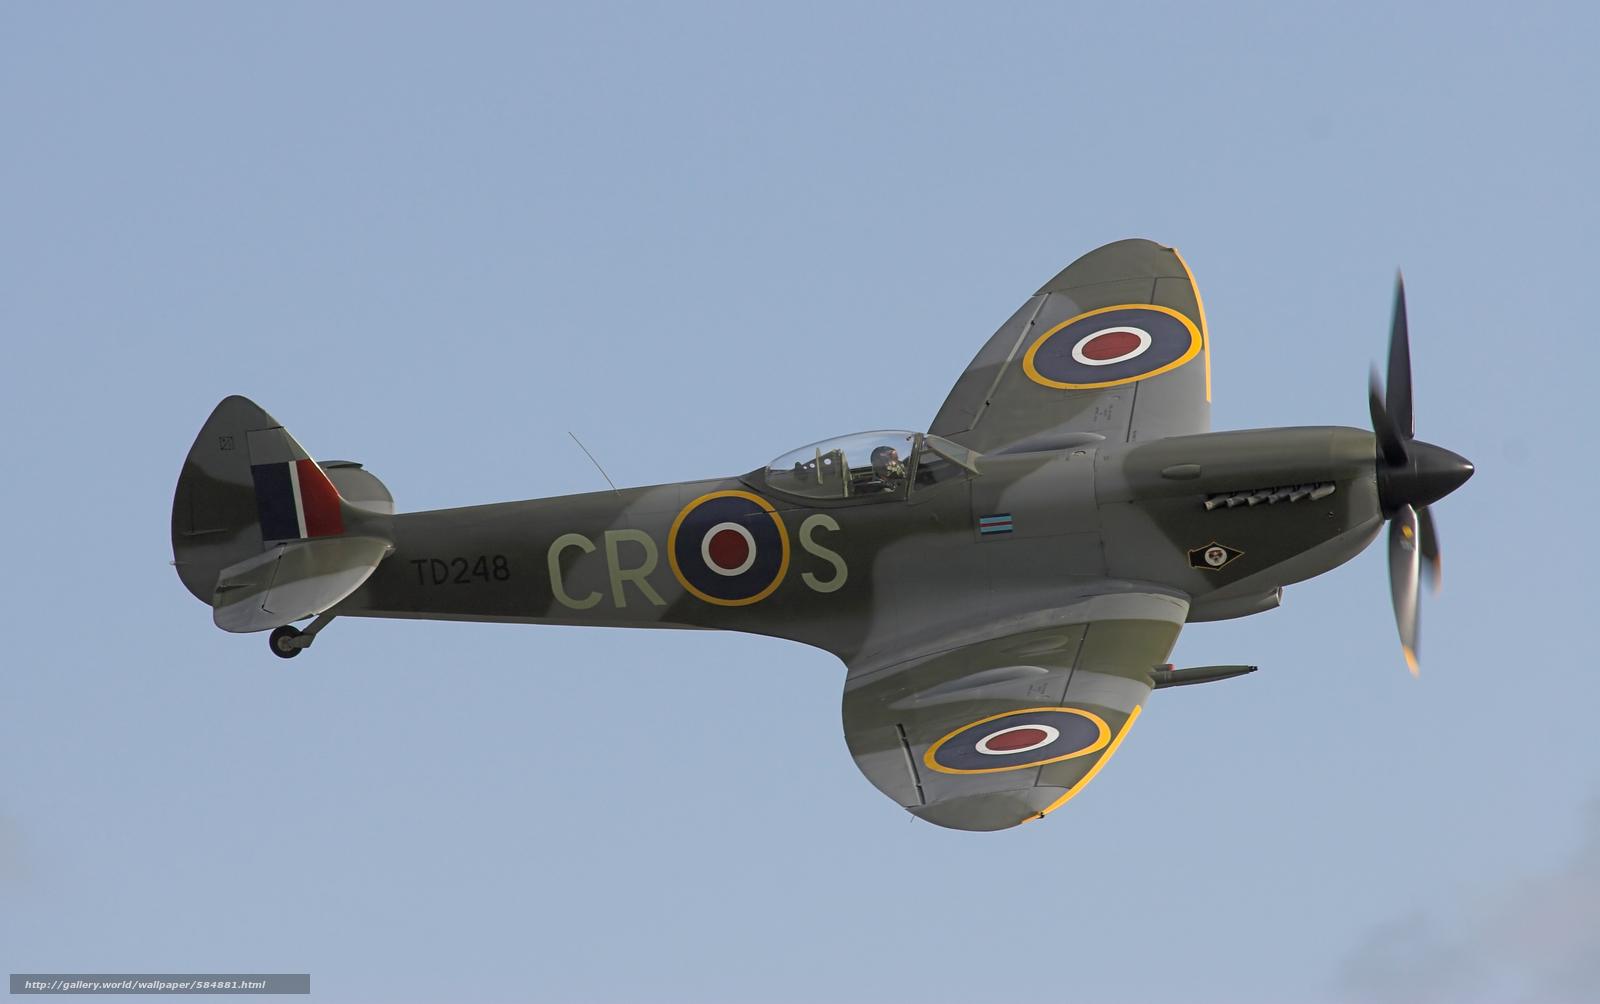 Скачать обои ВВС Великобритании,  английский истребитель времён Второй мировой войны,  Супермарин Спитфайр бесплатно для рабочего стола в разрешении 3367x2112 — картинка №584881